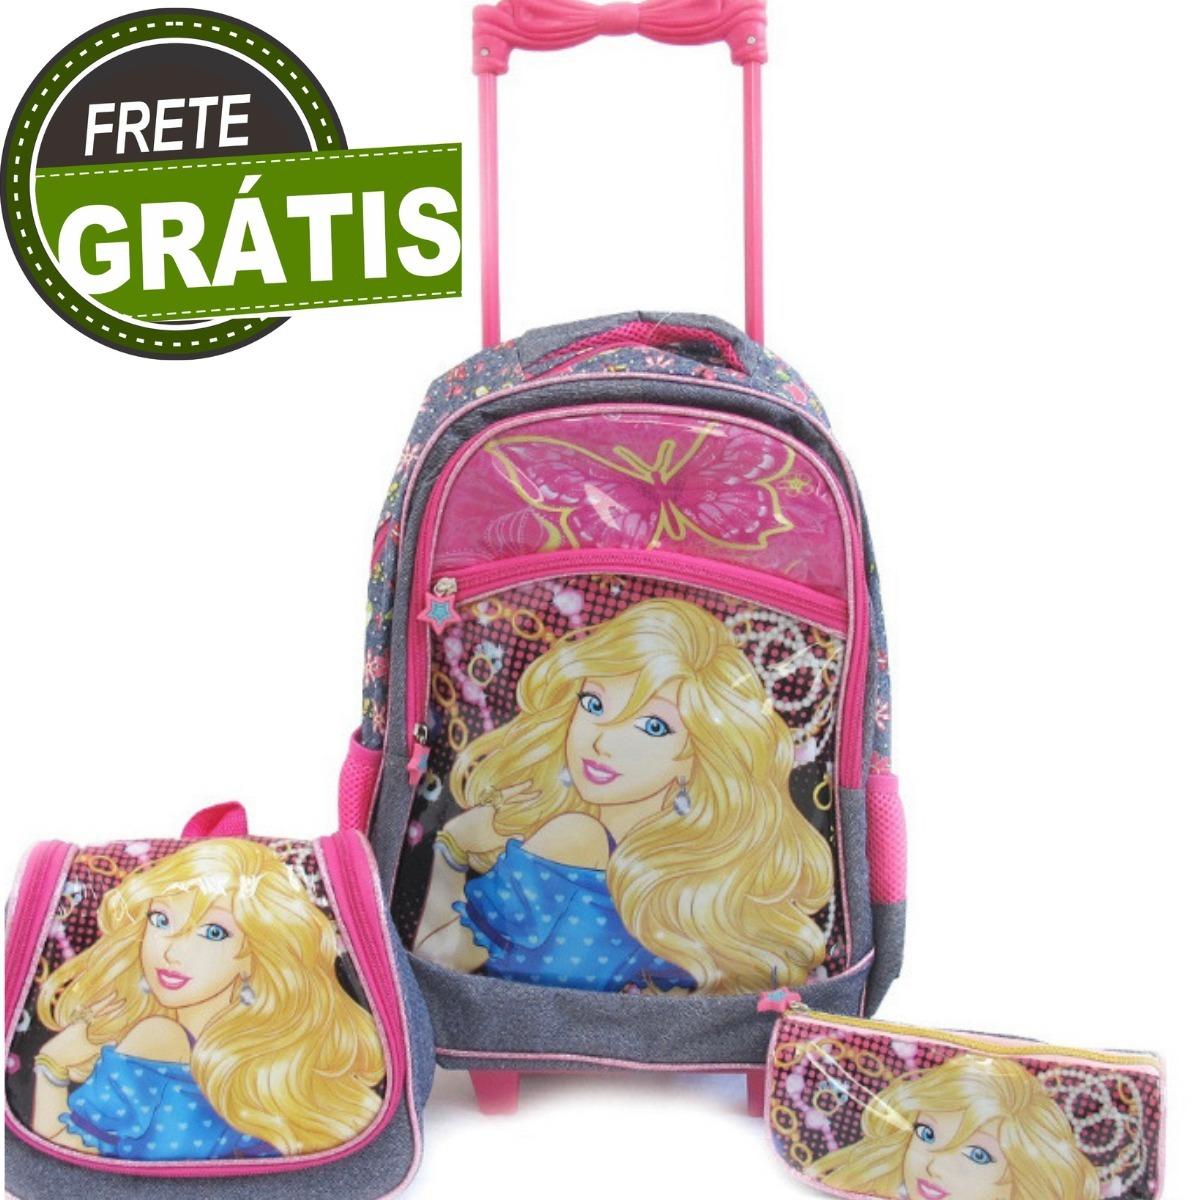 56ae56b59 Kit Mochila Escolar Infantil Rodinha 3 Peças Promoção - R$ 120,00 em ...